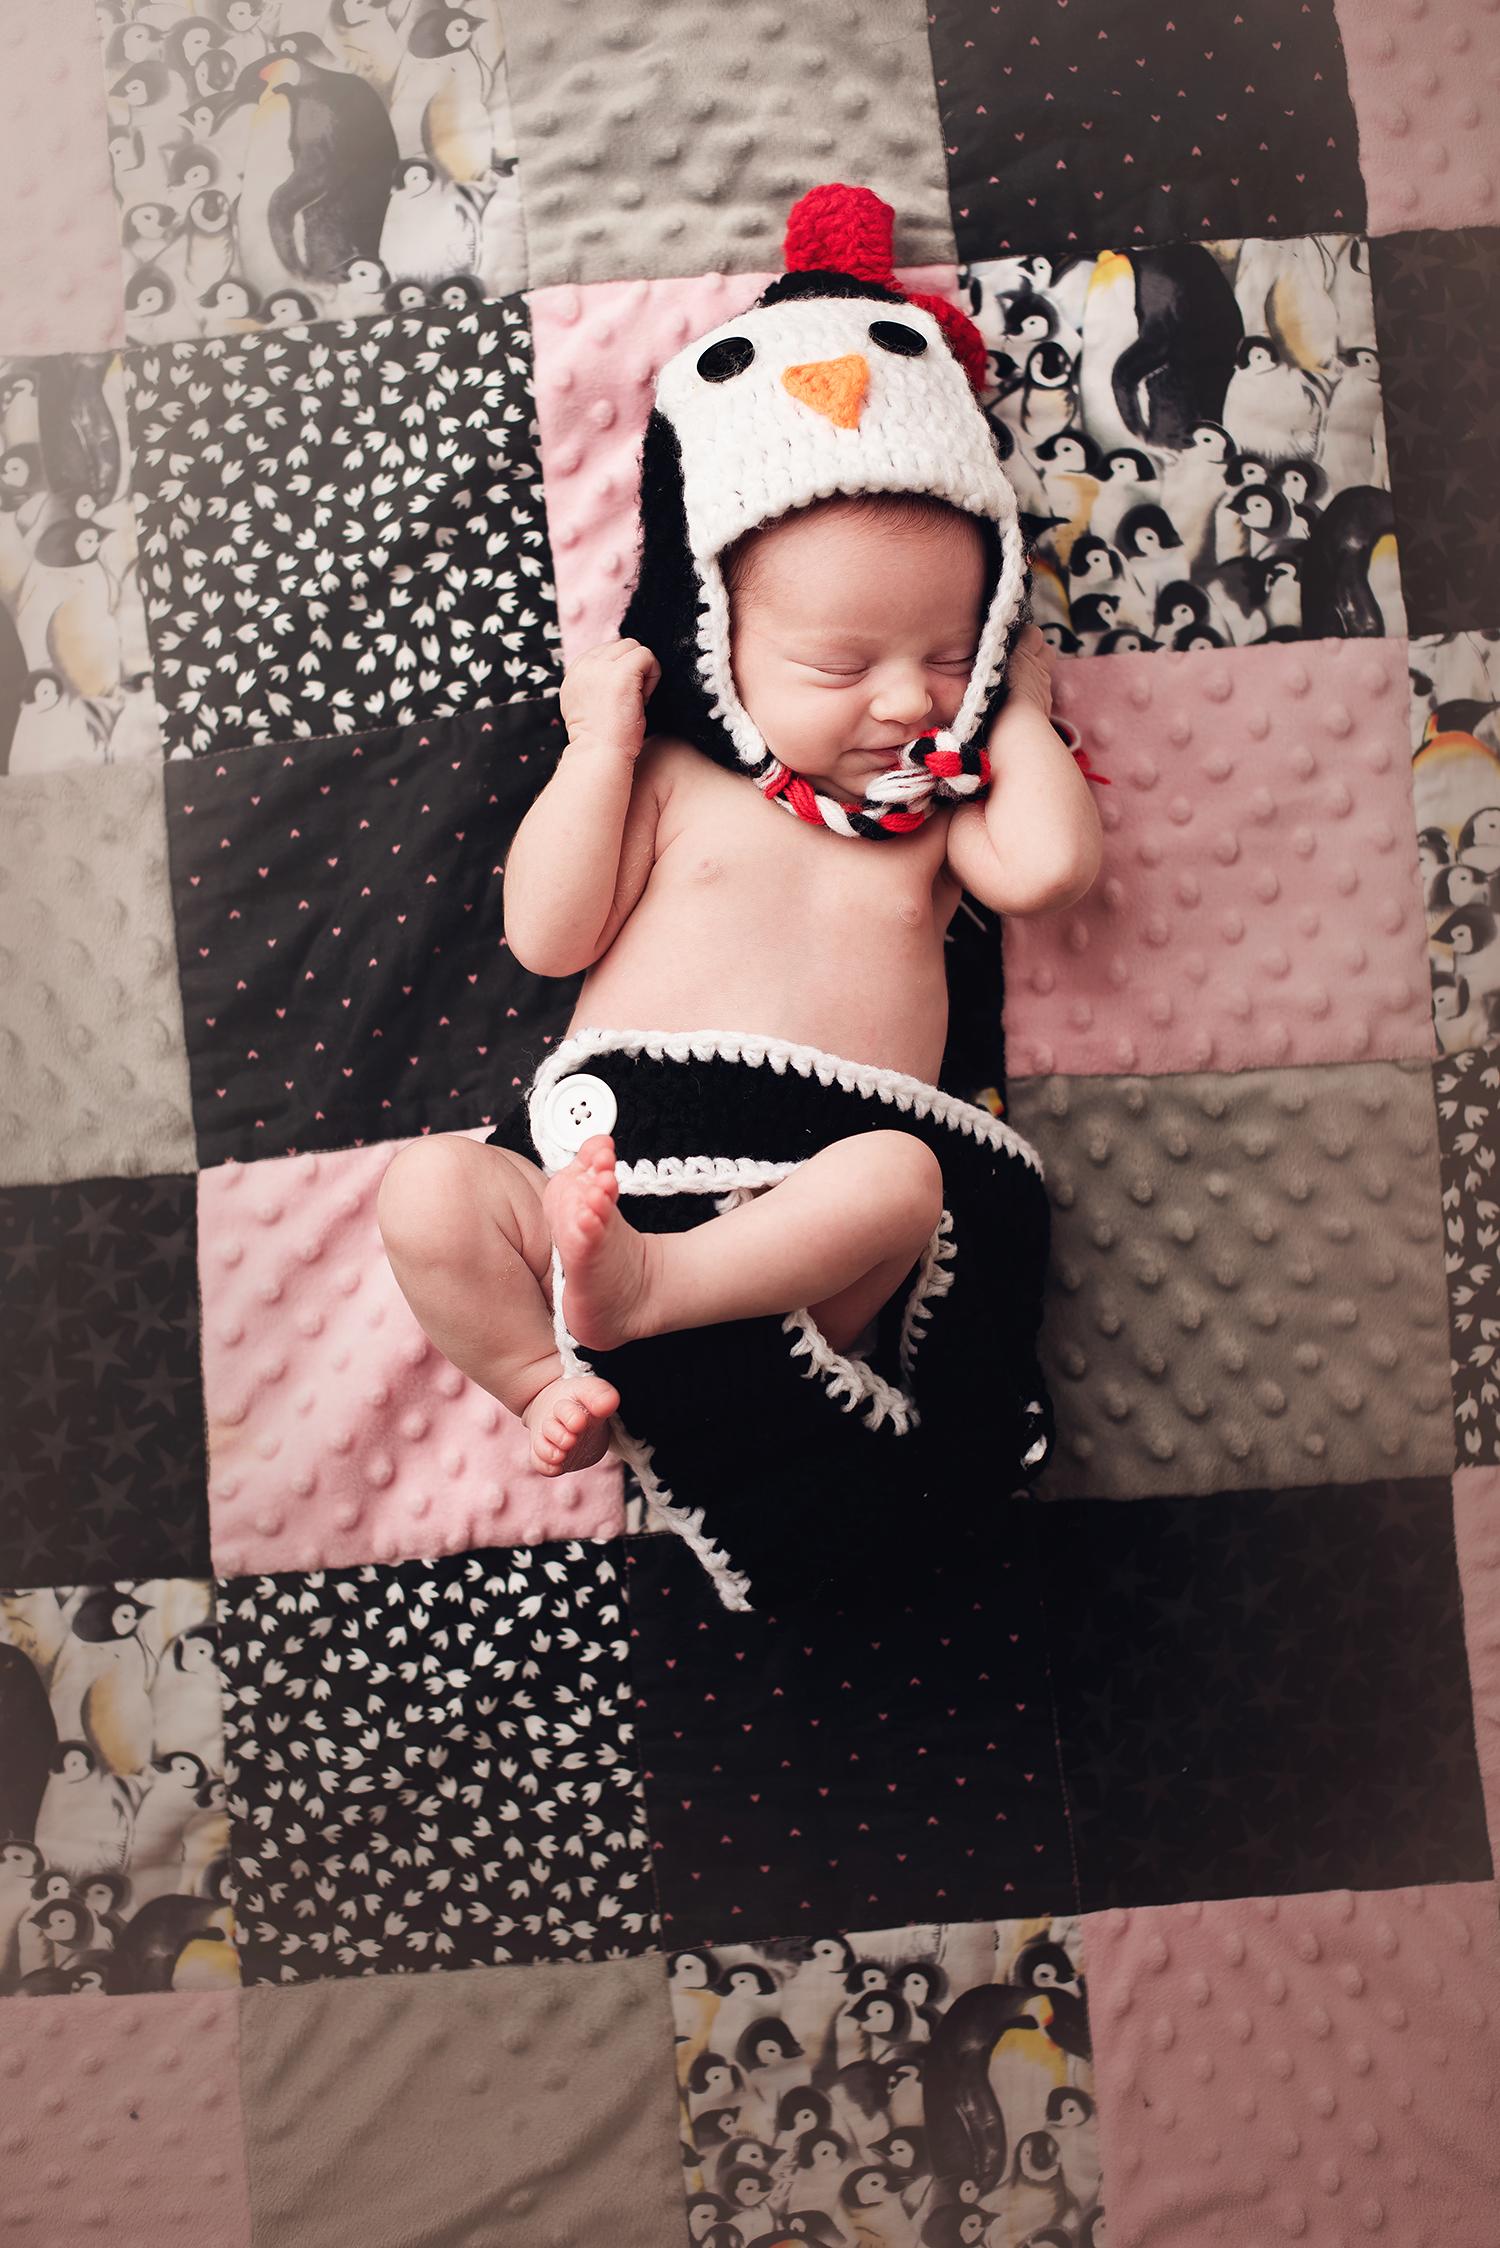 westerville-ohio-baby-photographer-barebabyphotography.jpg